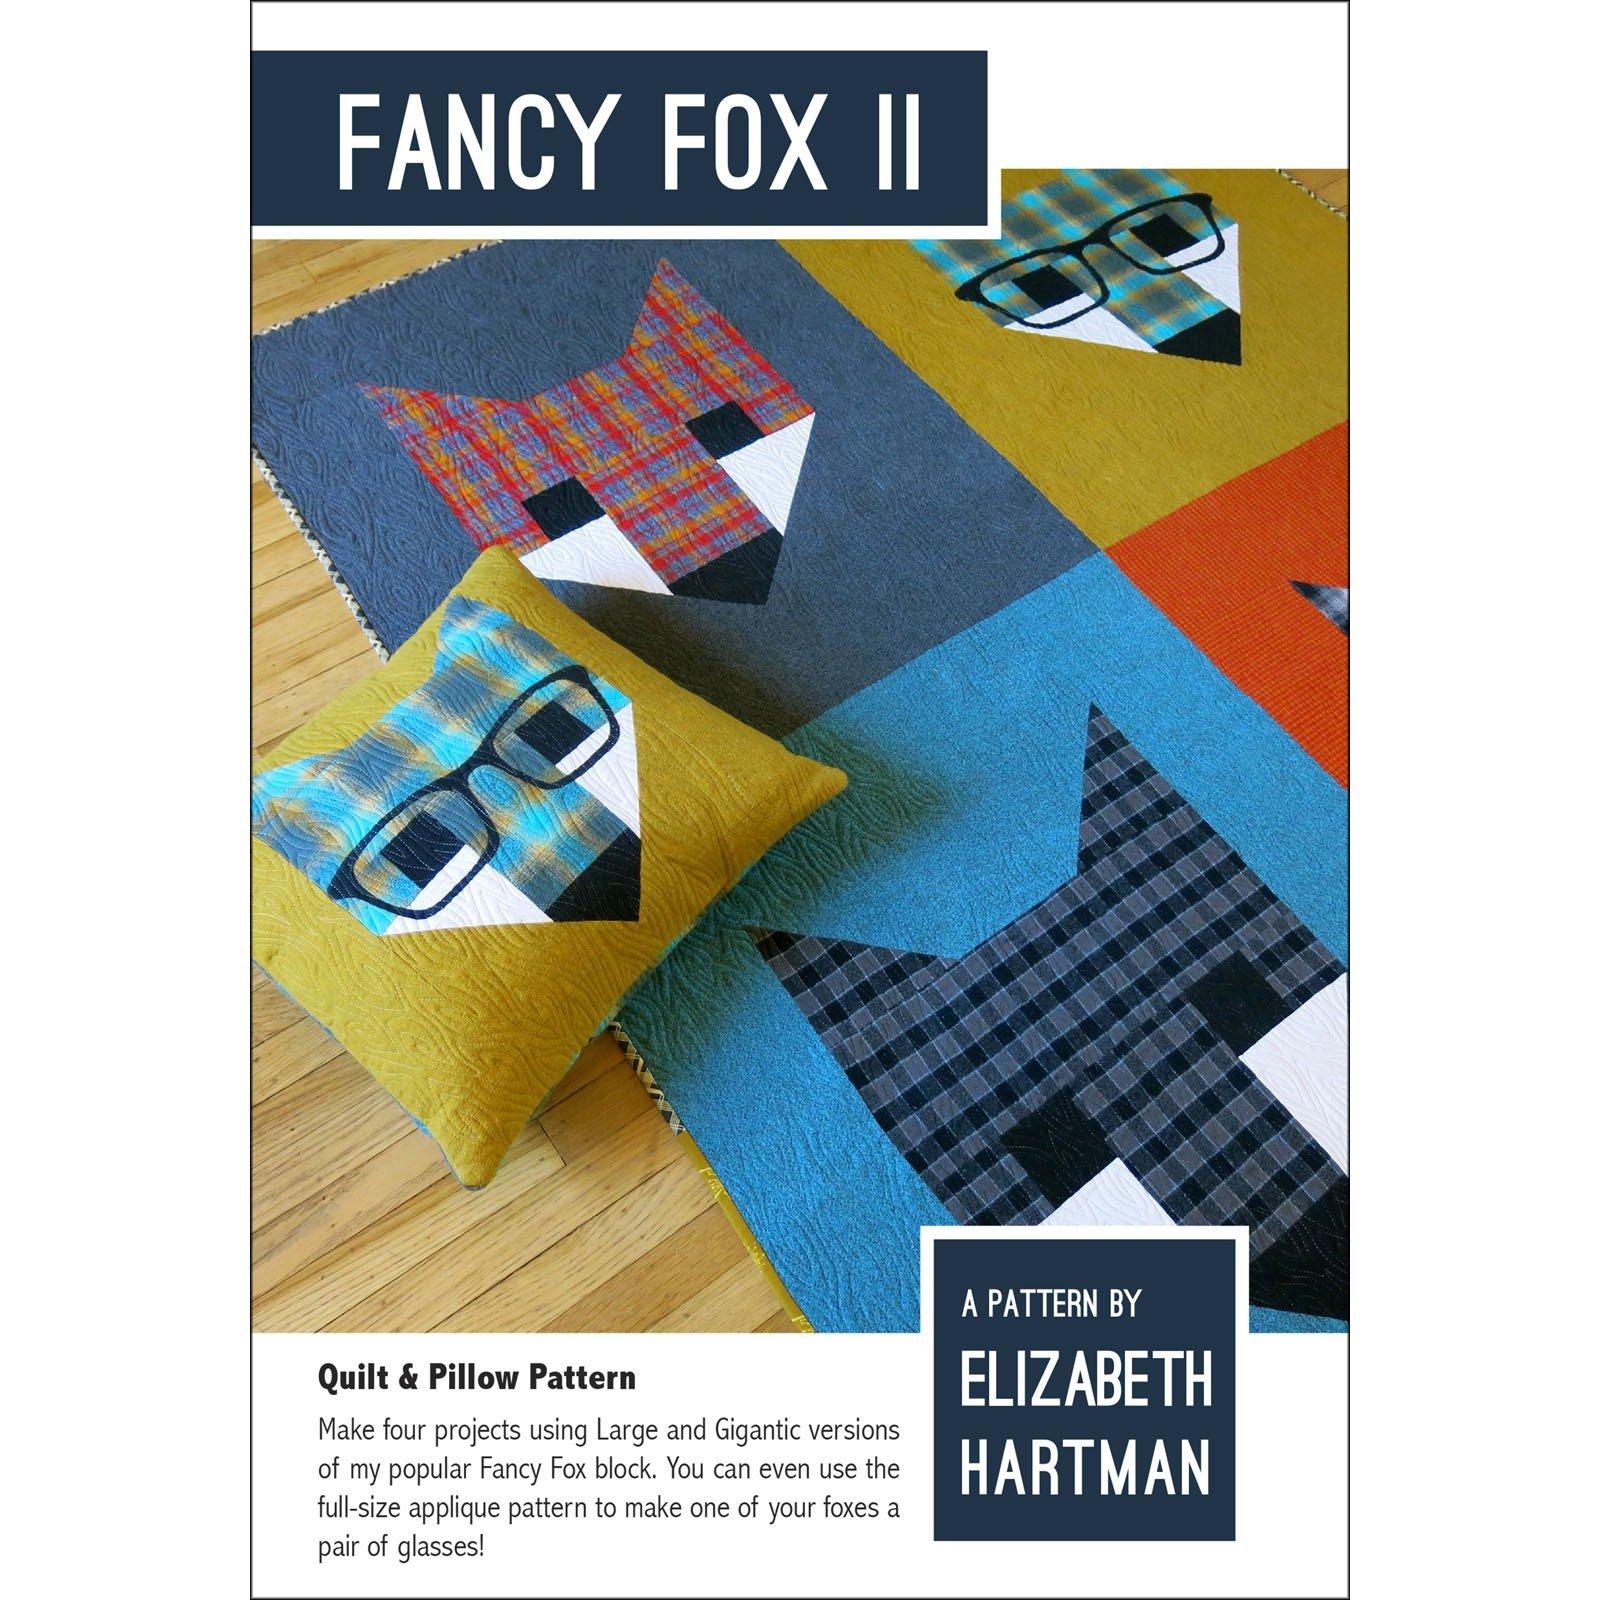 Fancy Fox 2 - Quilt & Pillow Pattern by Elizabeth Hartman